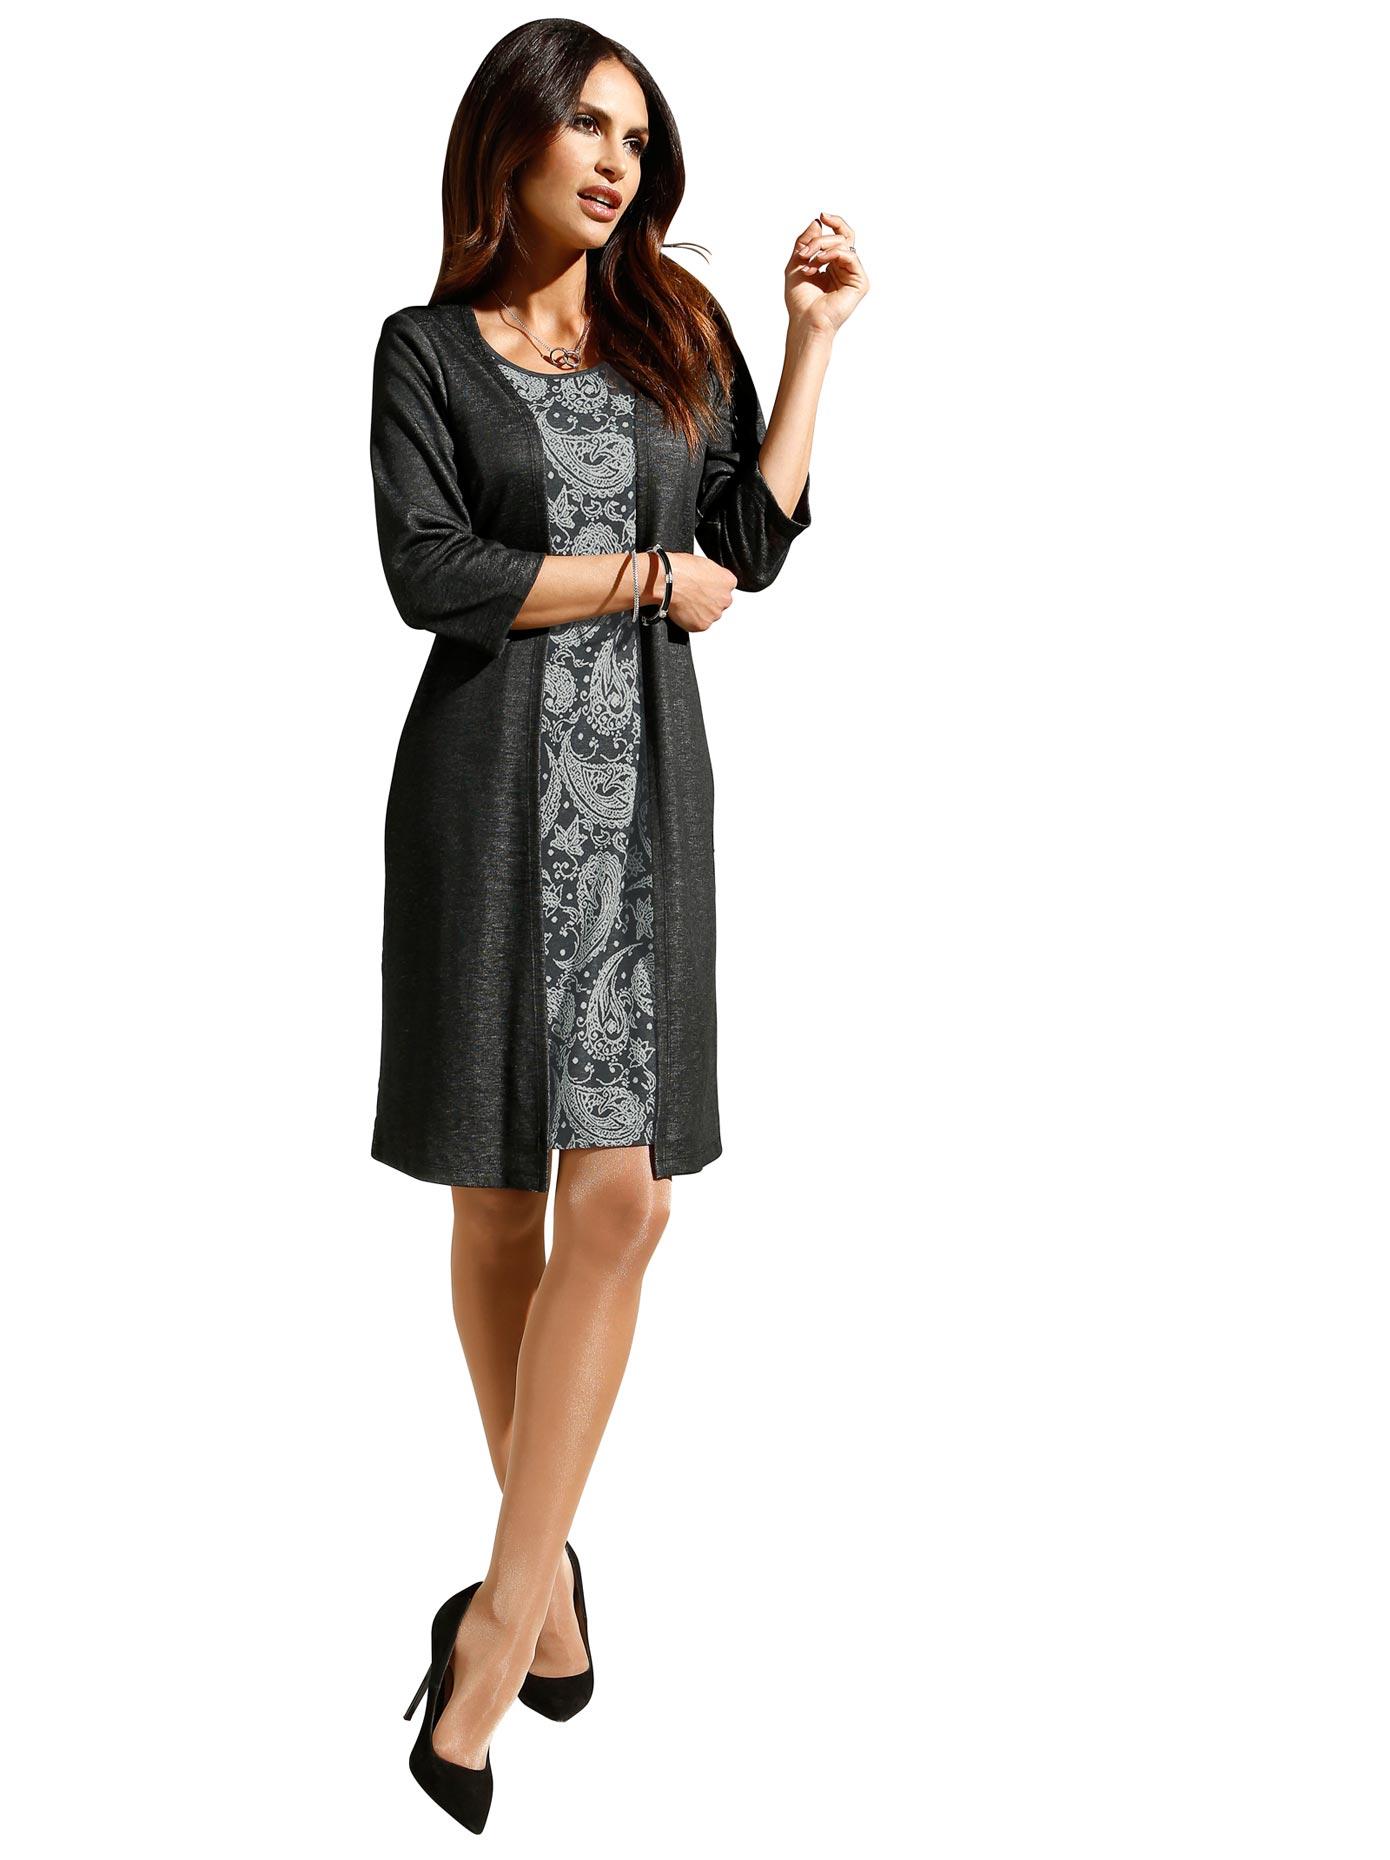 Image of Alessa W. Jersey-Kleid in attraktiver, figurgünstiger 2-in-1-Optik